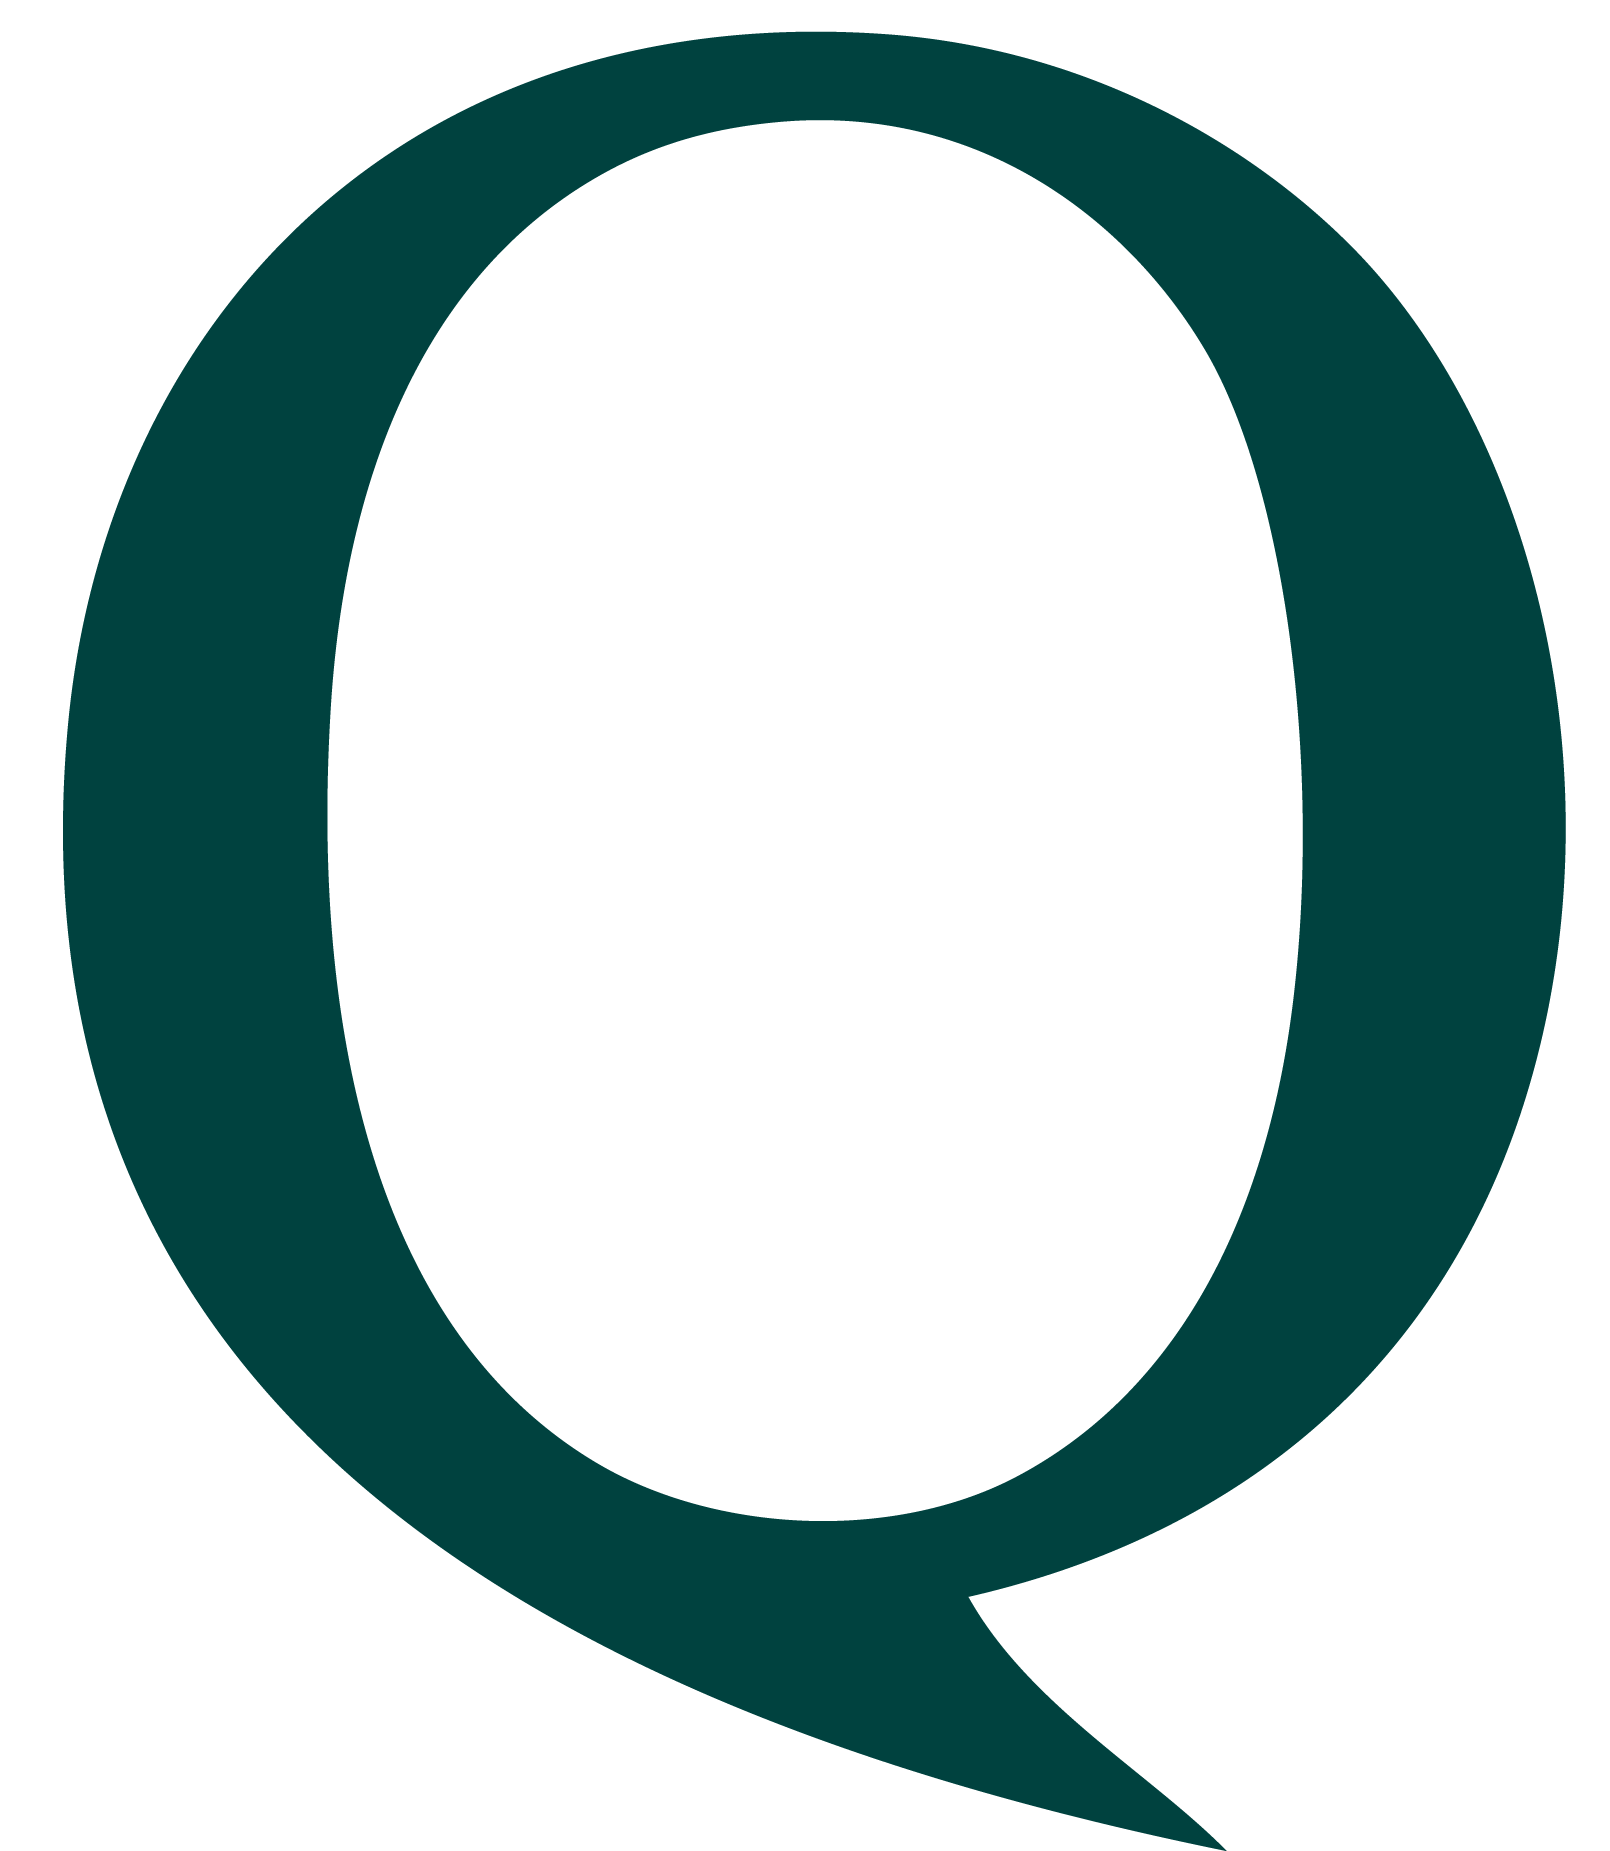 Firmenlogo QuoTec GmbH Ratingen